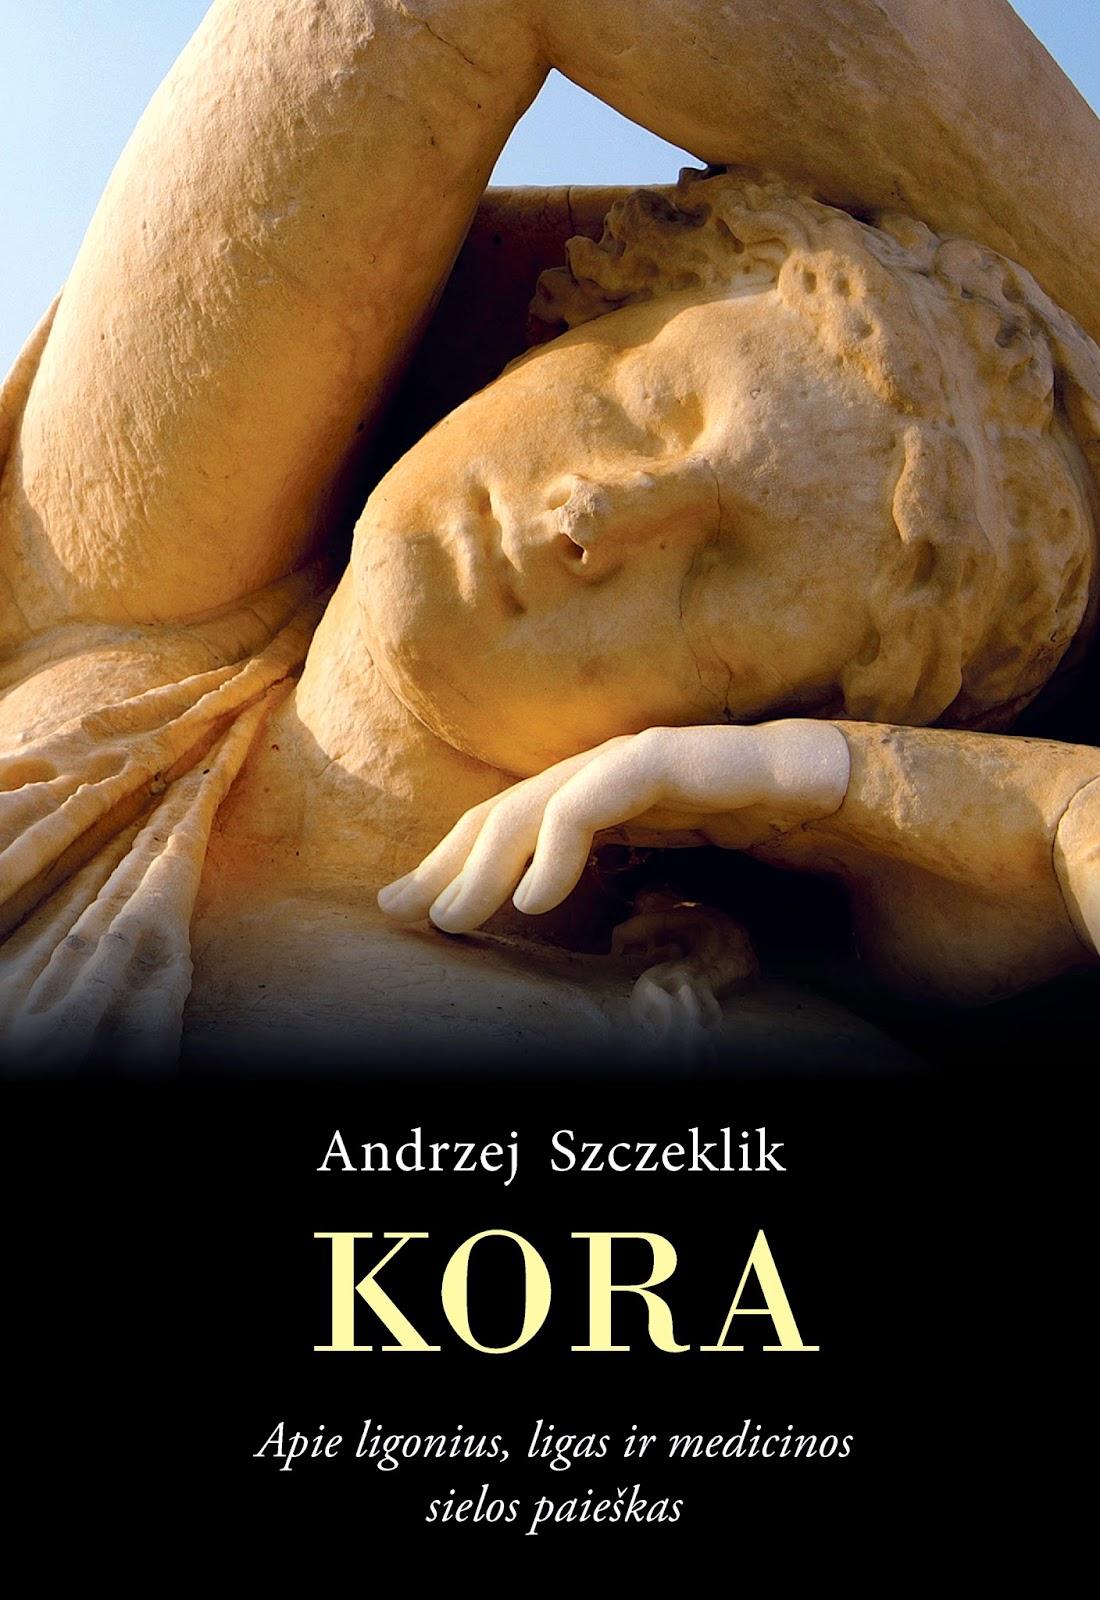 http://www.mintis.eu/sveikatai-dvasiai-groziui/97-kora-apie-ligonius-ligas-ir-medicinos-sielos-paieskas.html